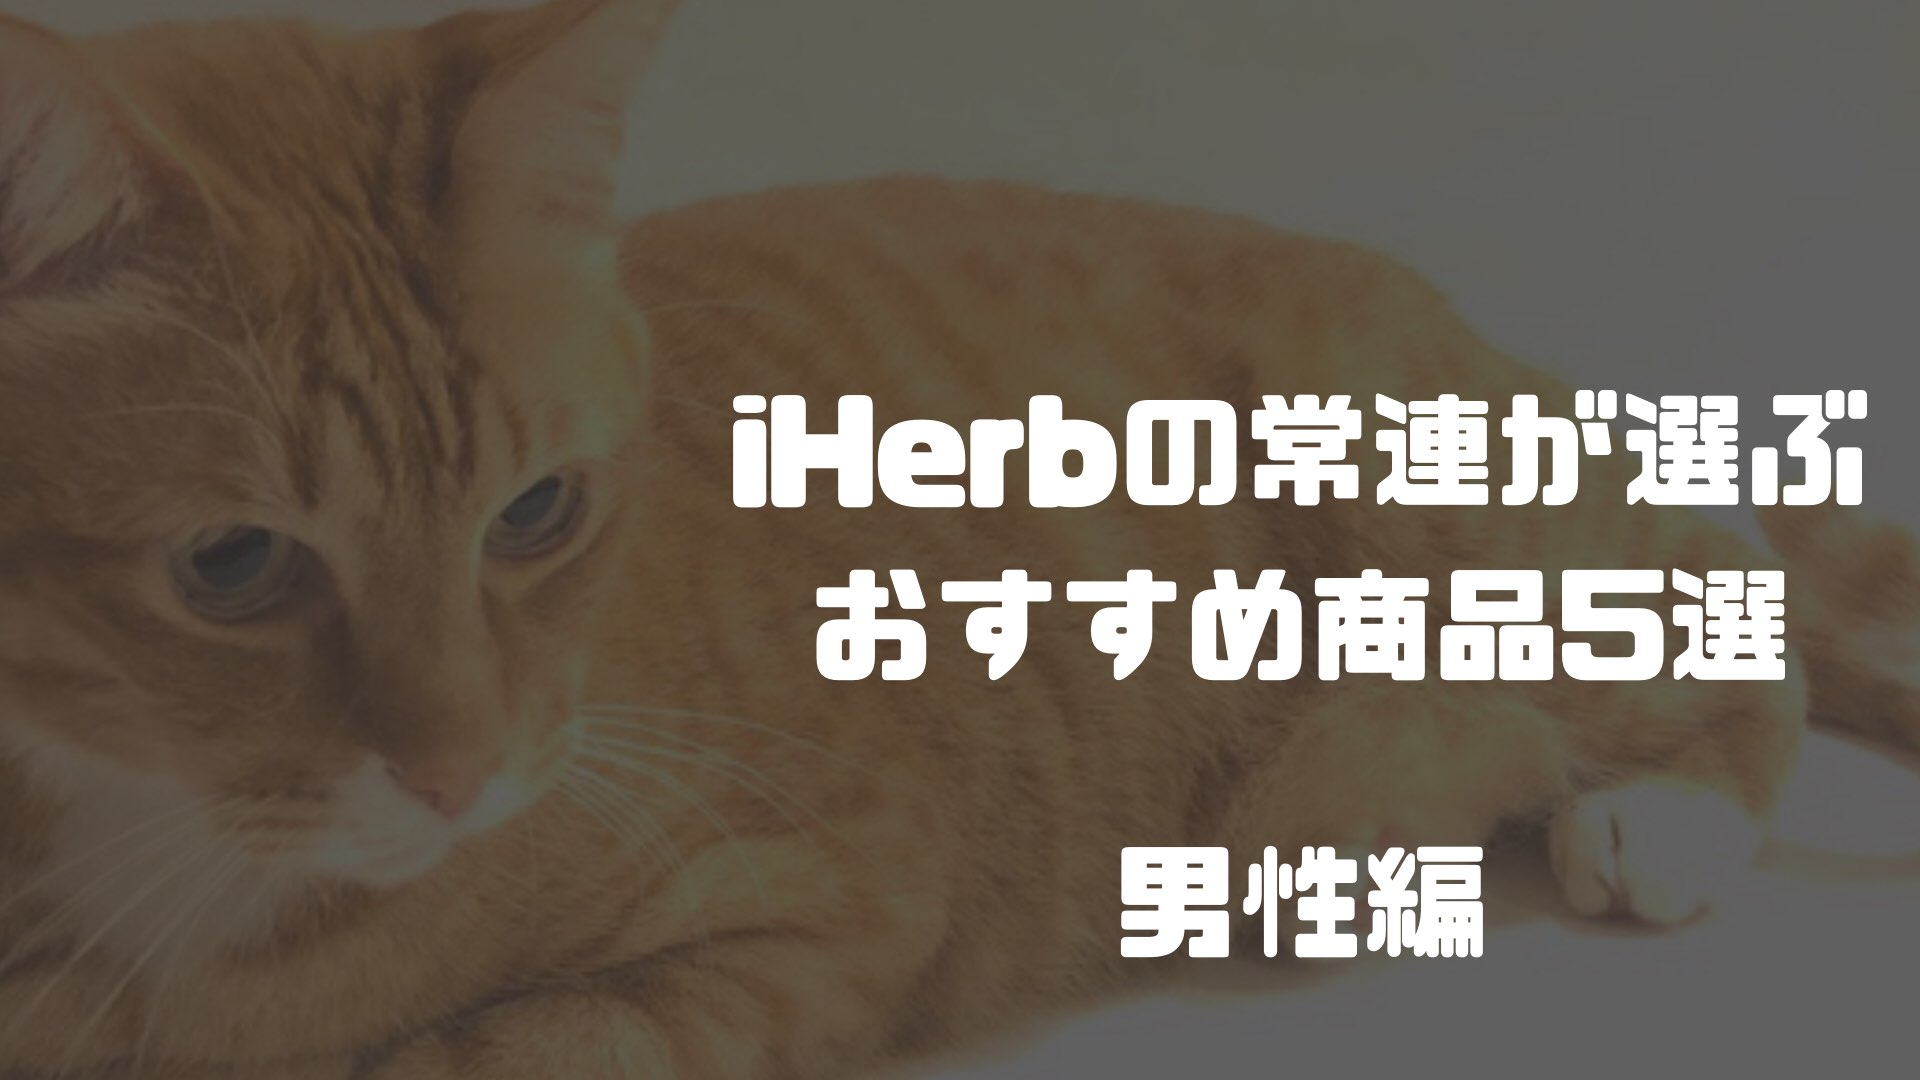 Iherb(アイハーブ)の常連が選ぶおすすめ商品5選 男性編